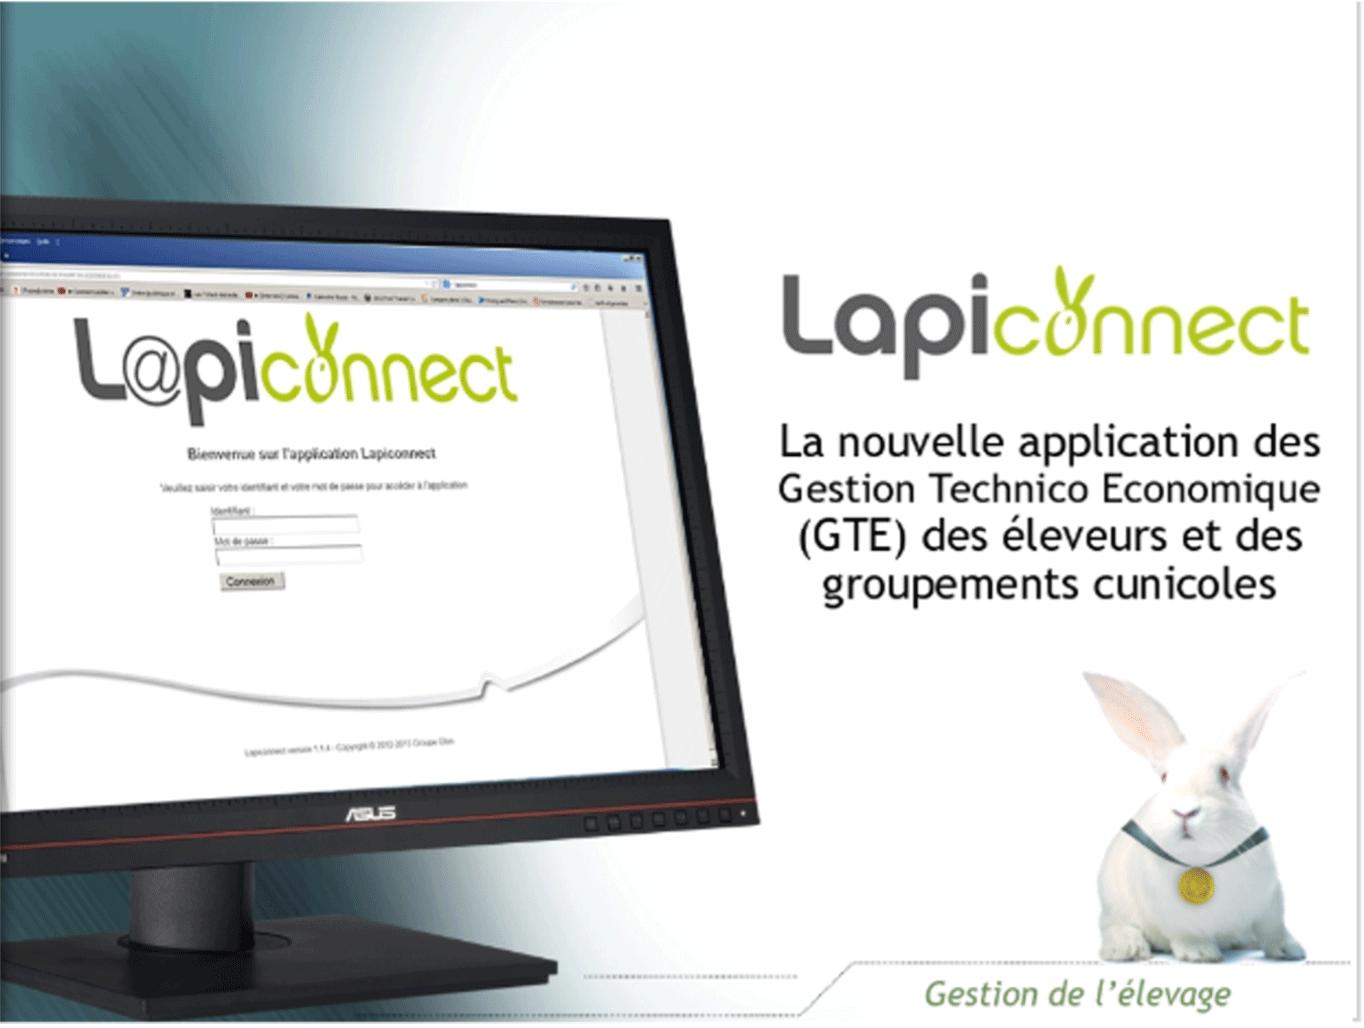 Lapiconnect